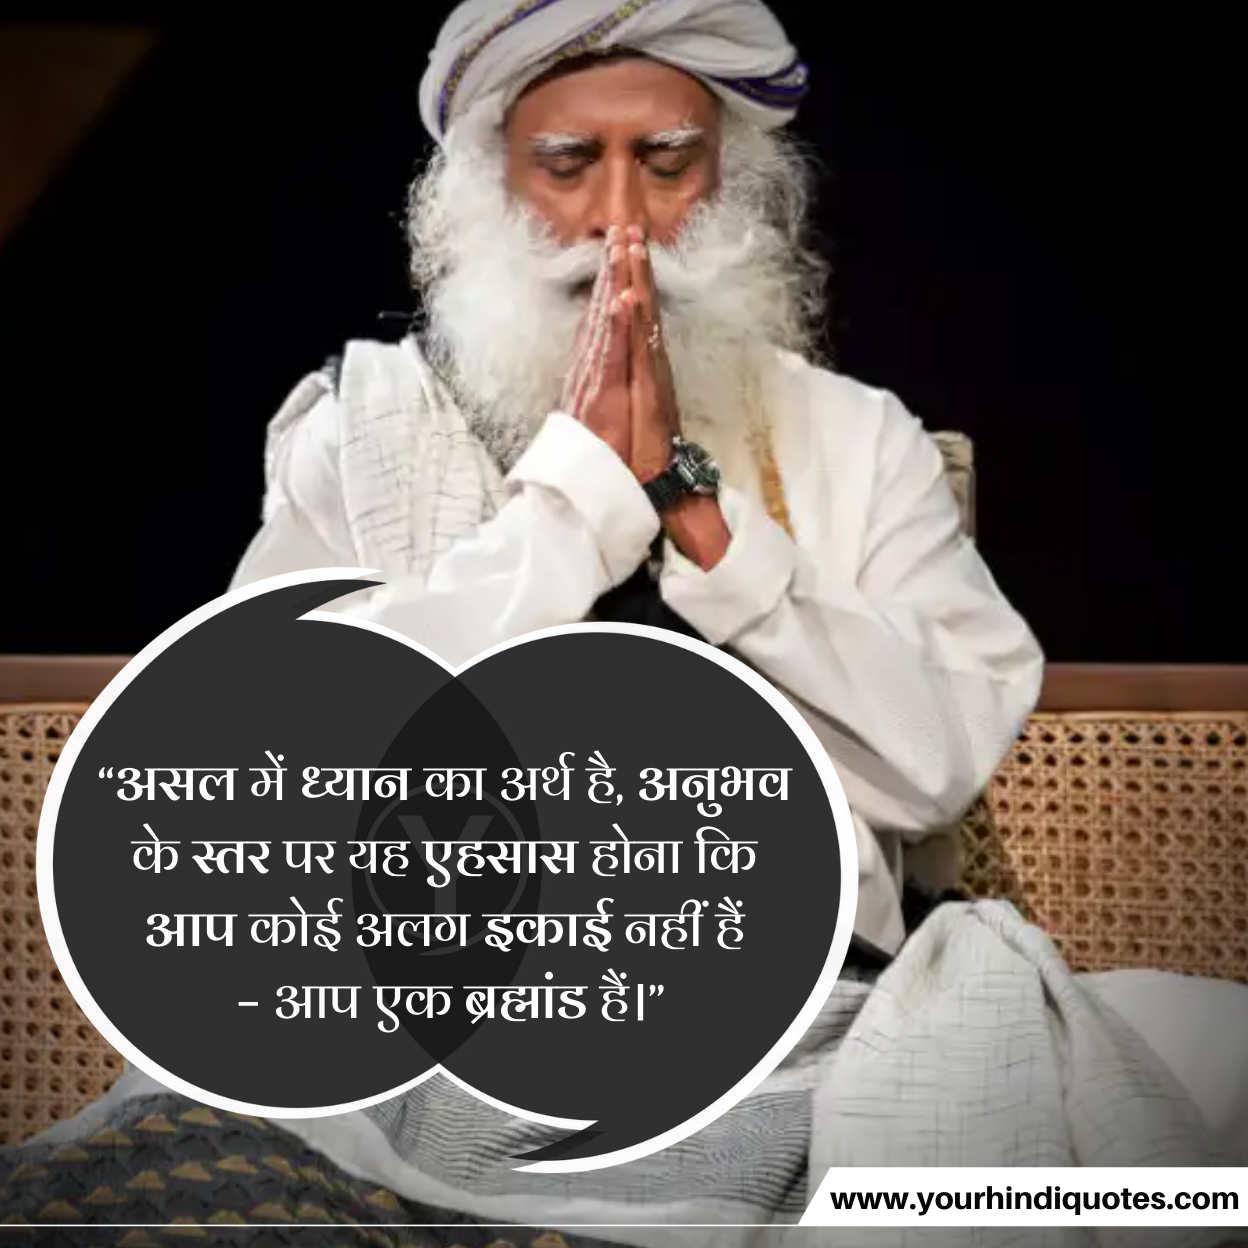 Sadhguru Quotes Hindi Image